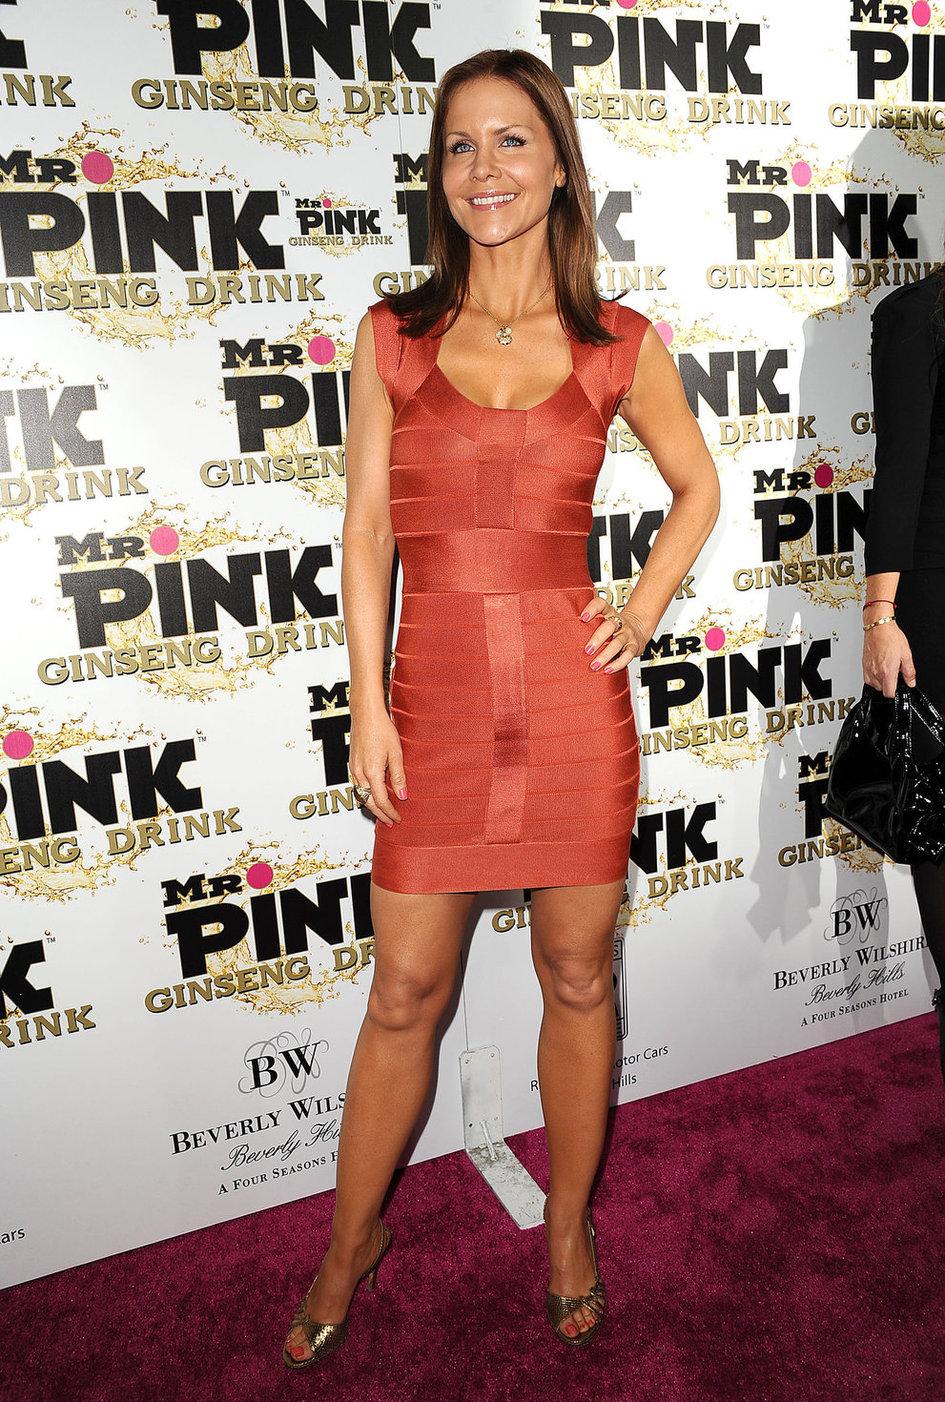 Josie Davis Mr. Pink Ginseng Drink Launch Party in Beverly Hills (Oct 11, 2012)